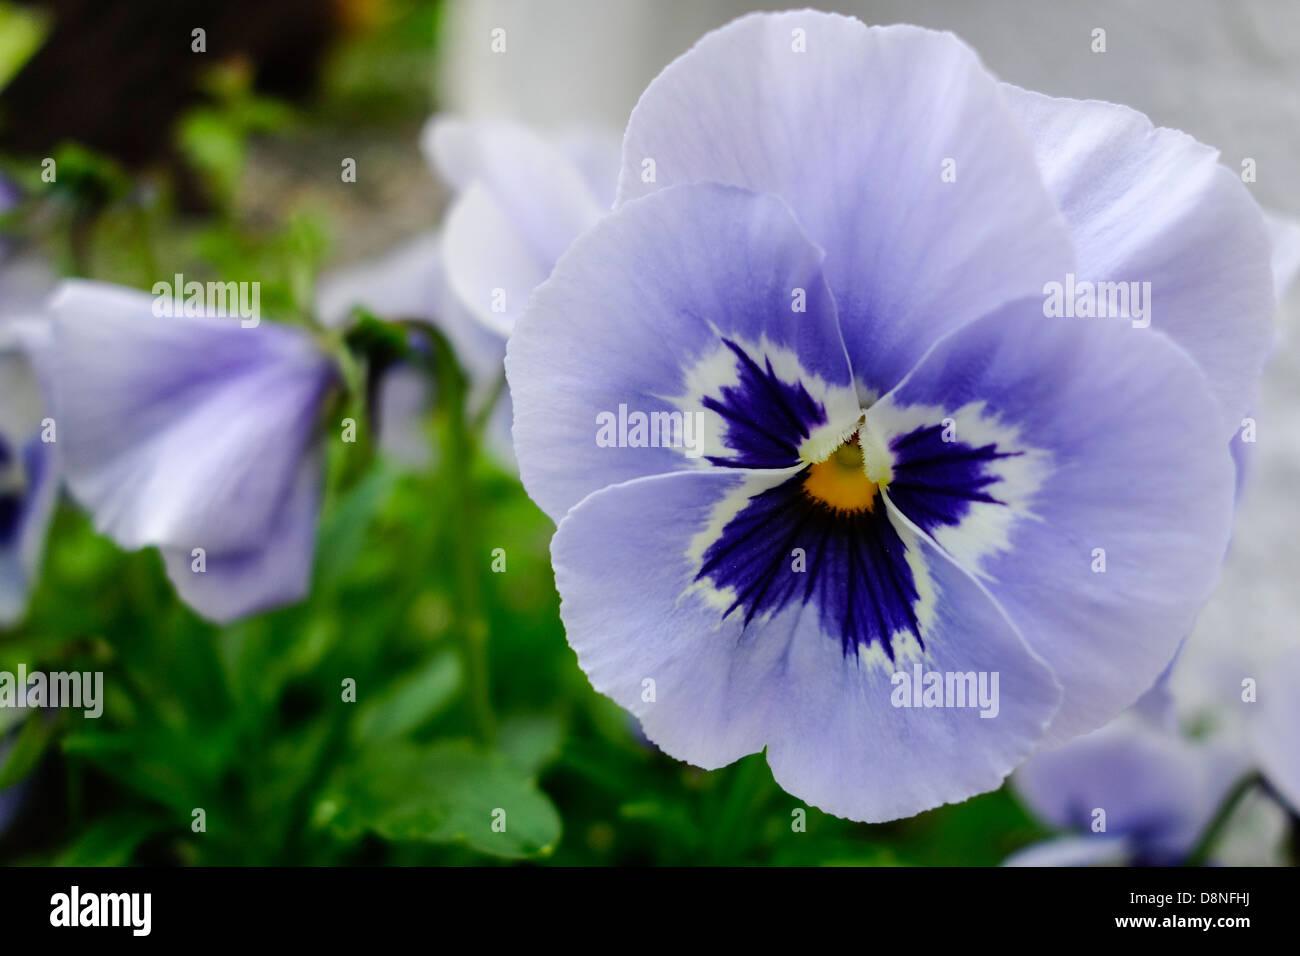 Flowering pansies in the spring - Stock Image